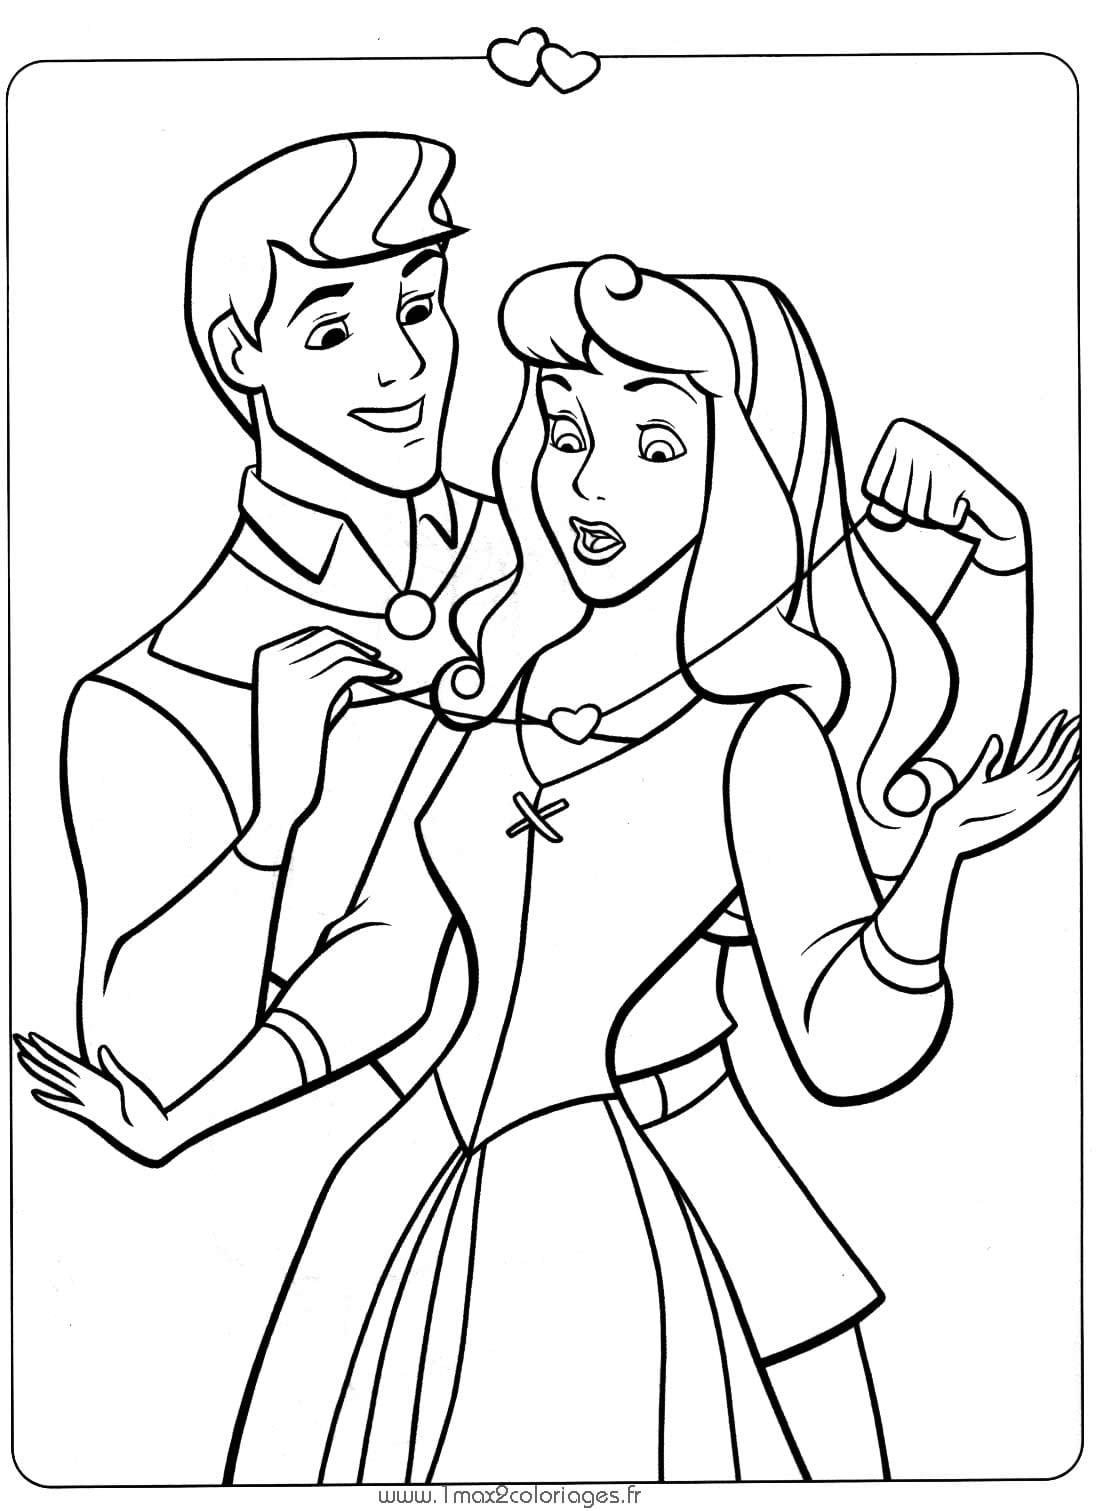 Desenhos Para Colorir E Imprimir Princesas Disney